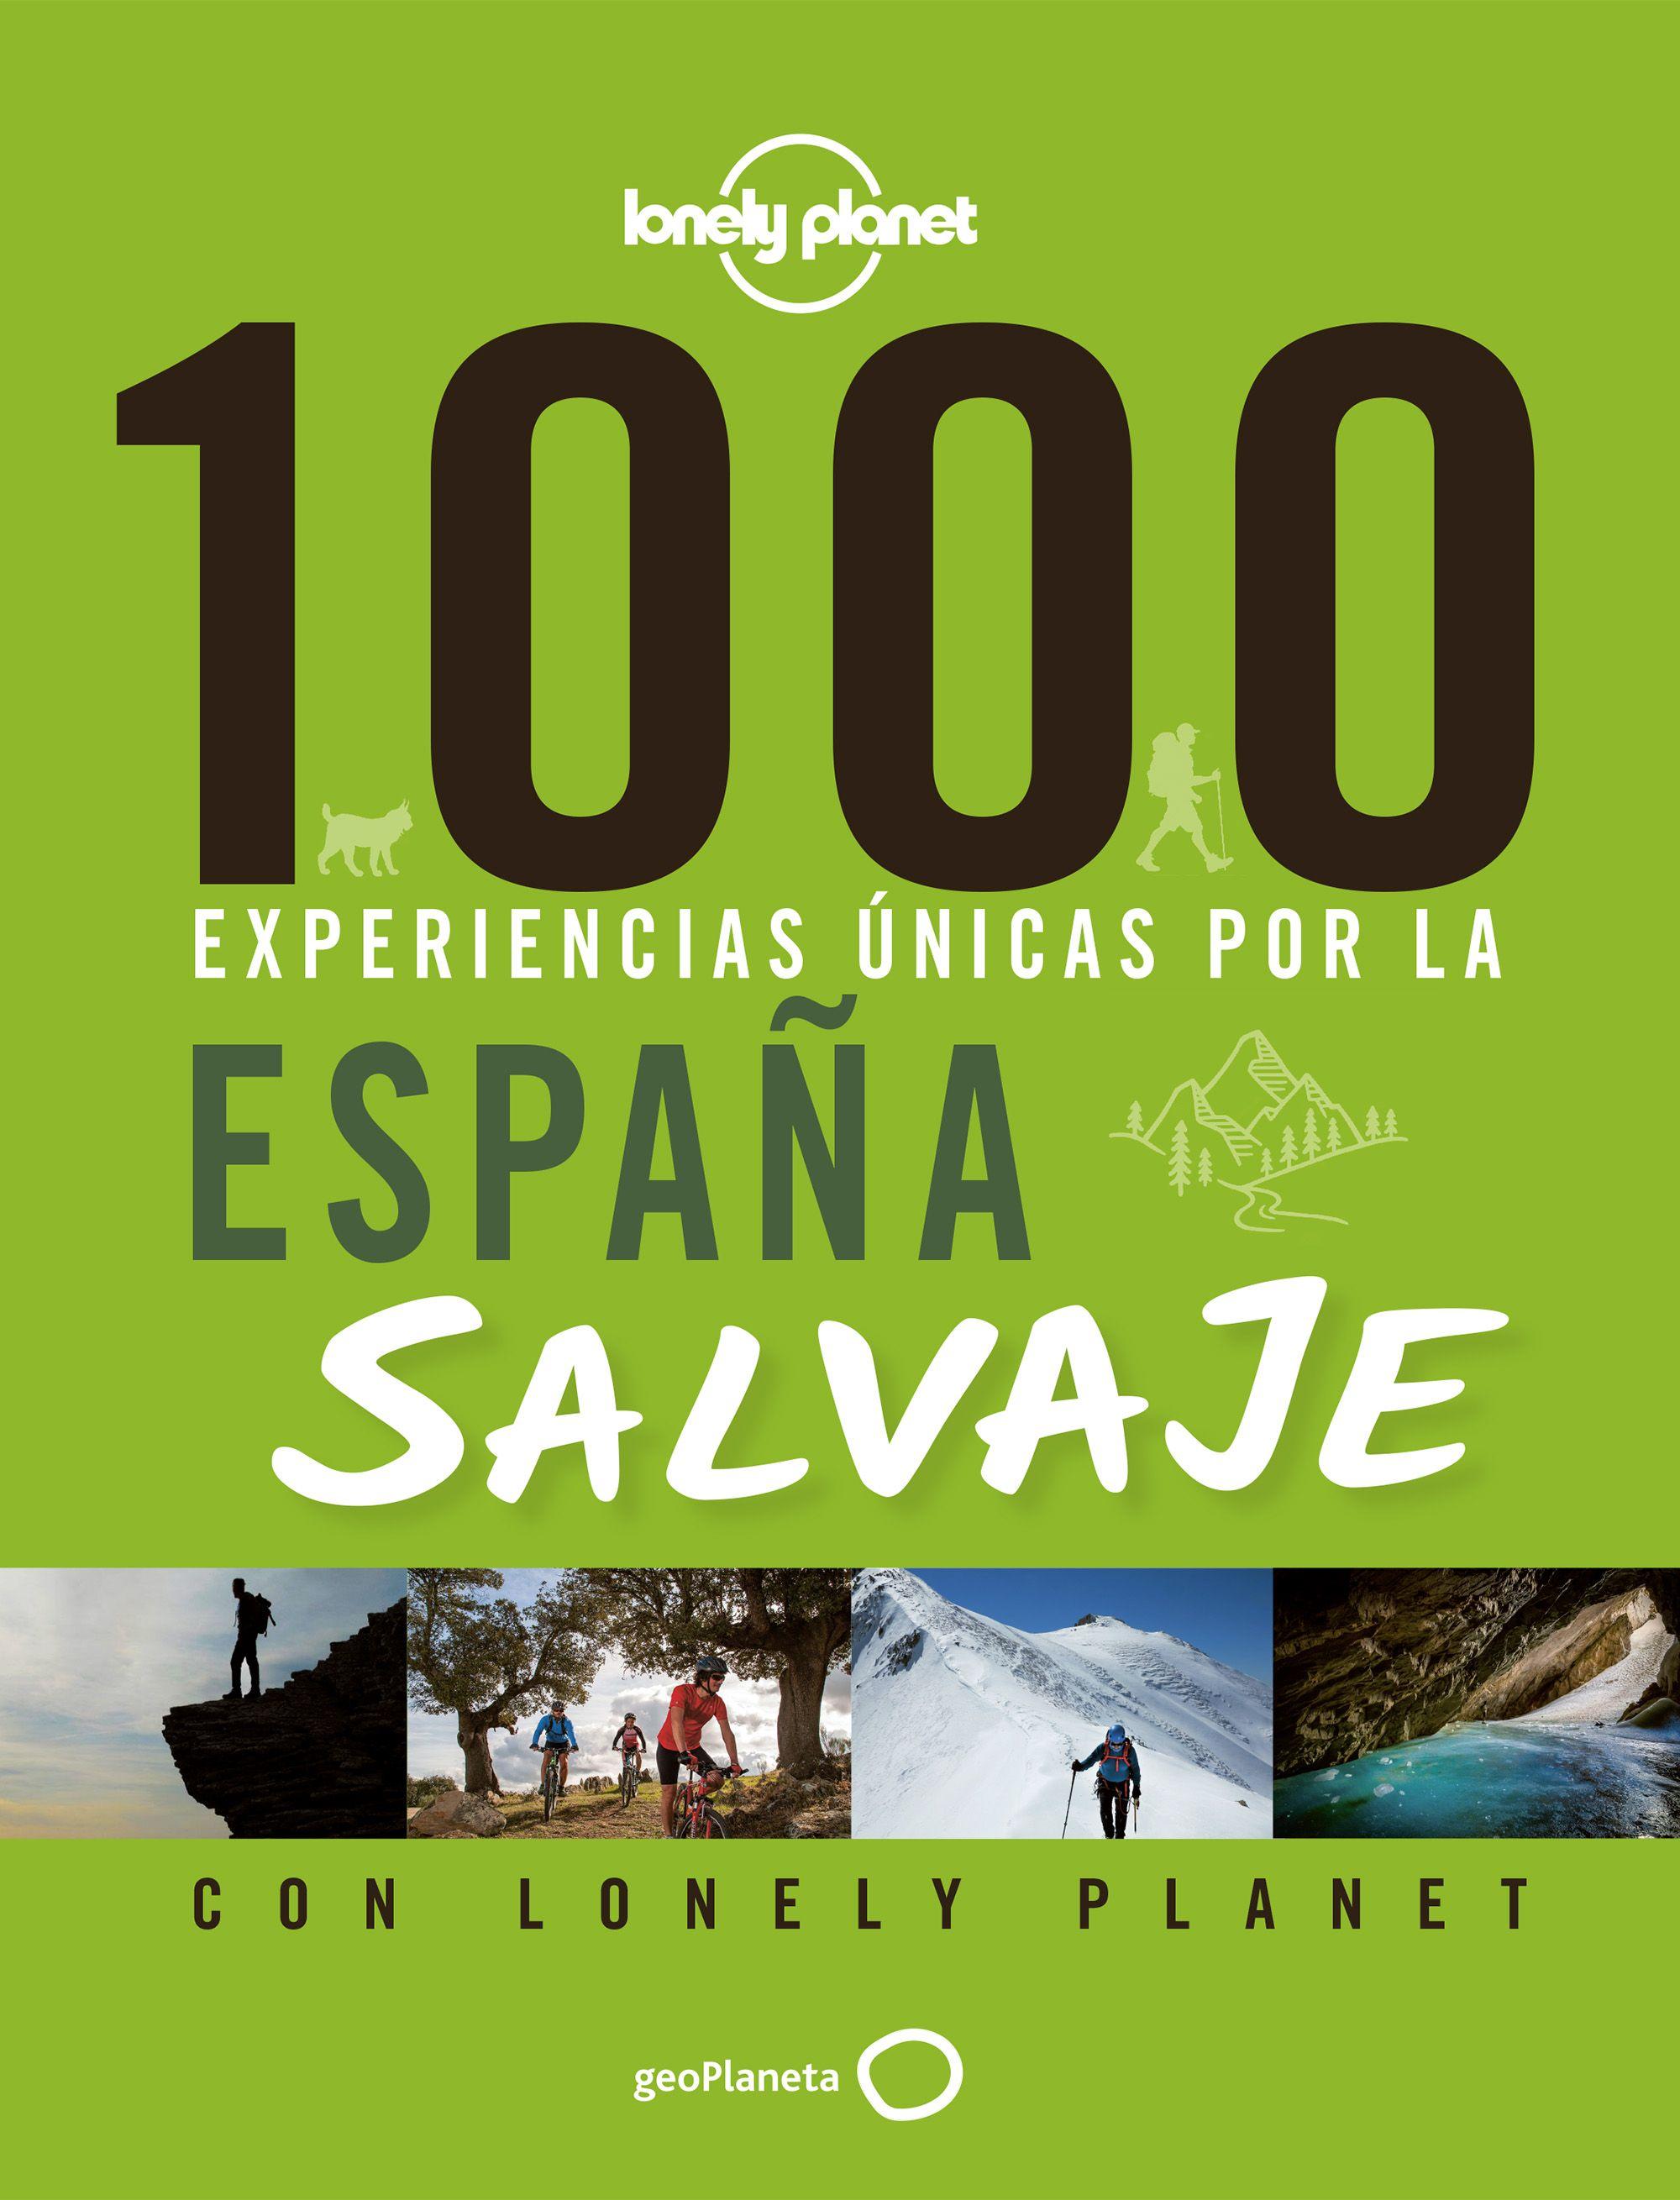 Guía Guía 1000 experiencias únicas por la España salvaje